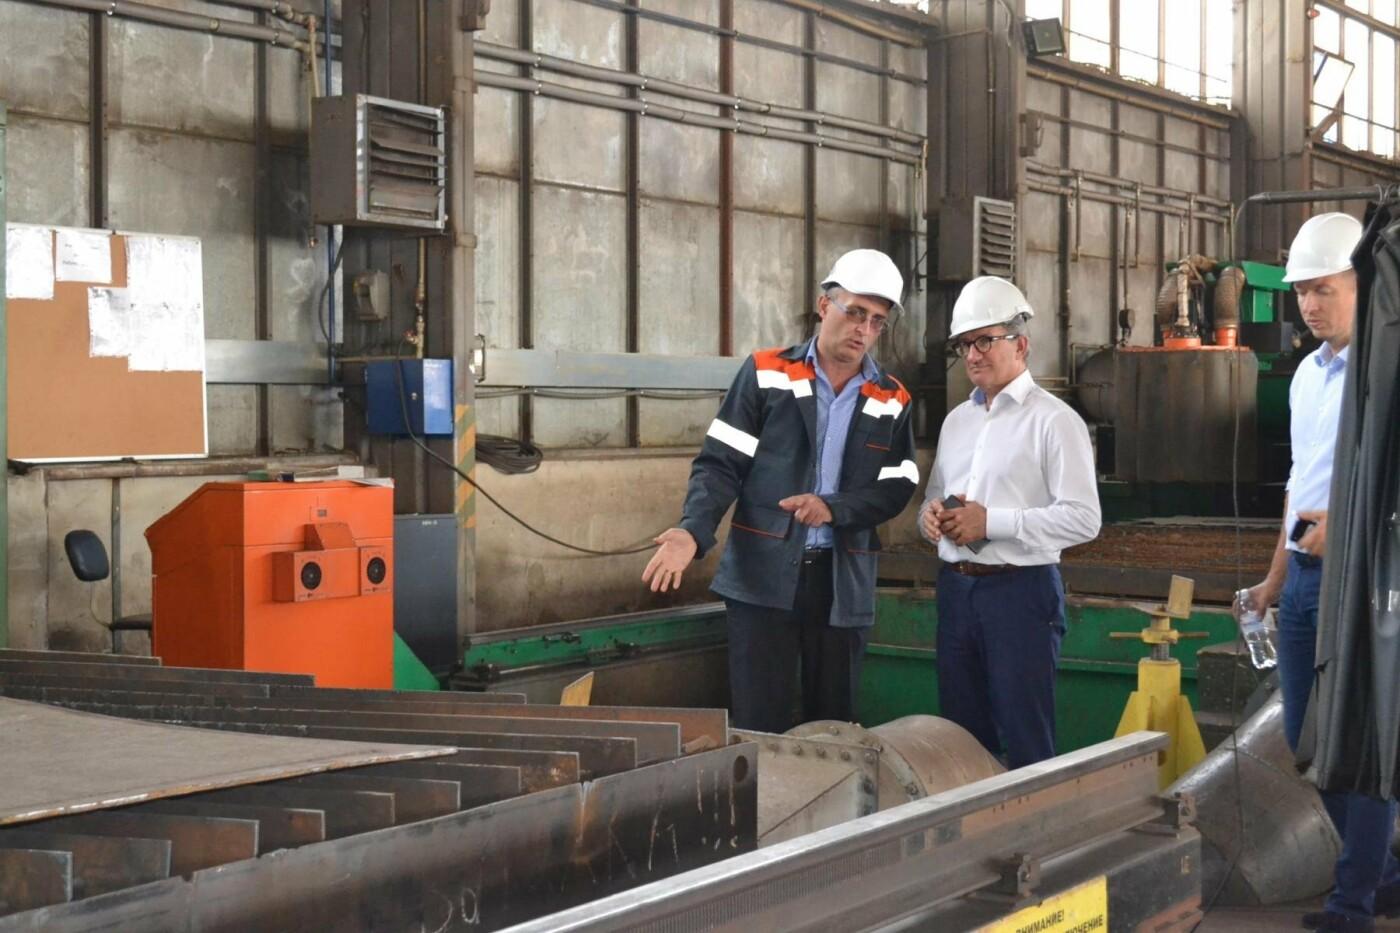 Что надо менять? - работники криворожского завода Steel Work получили ответ от Сергея Таруты, фото-10